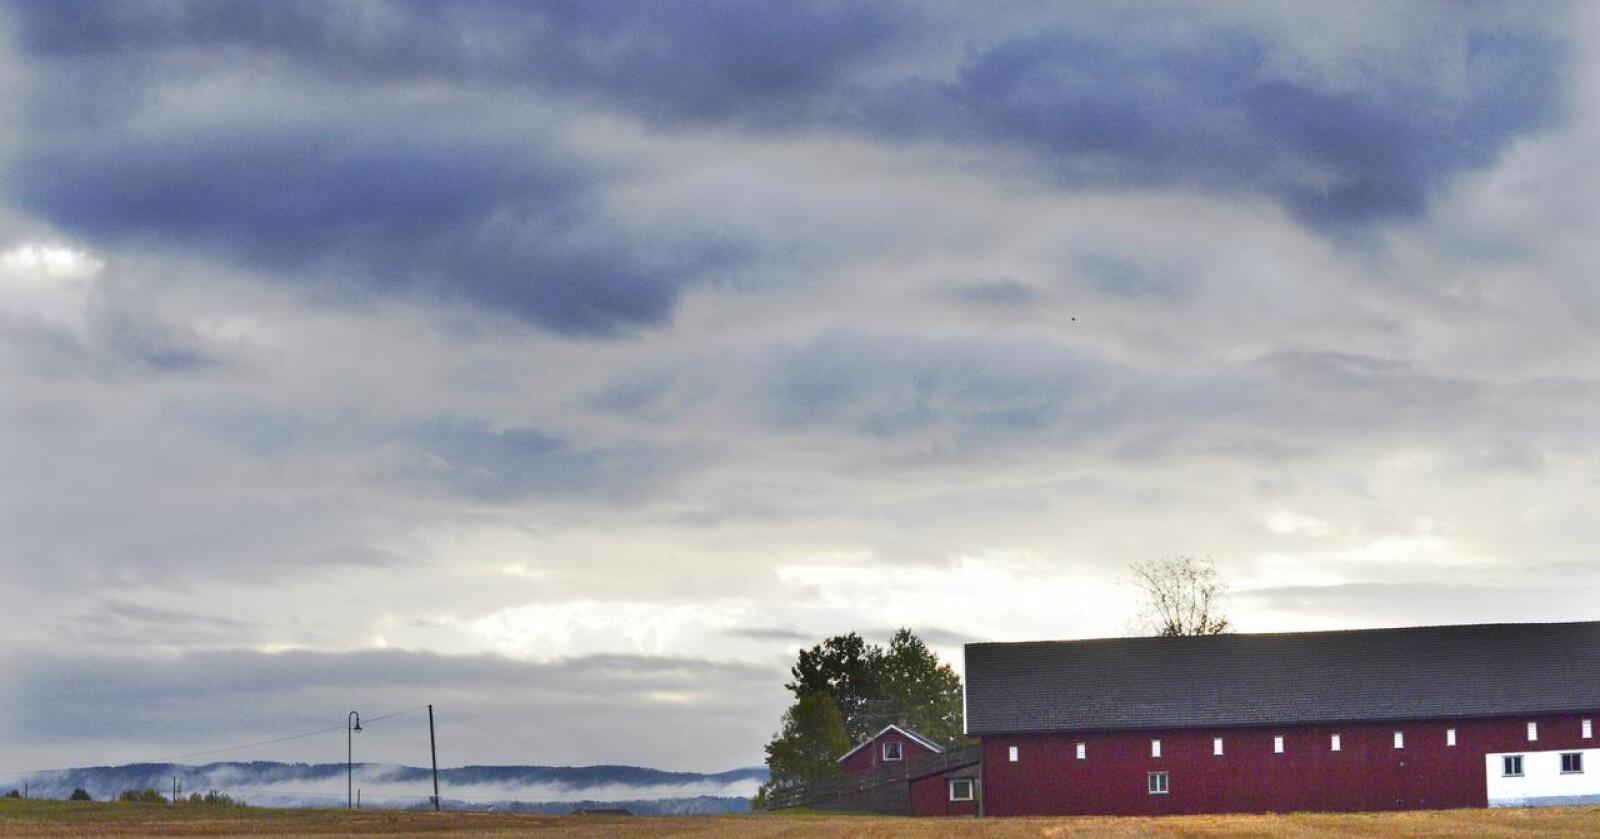 Det er mange av de eksistensielle spørsmålene i landbruker som skjønnlitteraturen er vel så egnet til å ta opp som faglitteraturen, skriver Camilla Mellemstrand. Helgen 4. og 5. september arrangeres litteraturfestivalen Jorddøgn på Jæren som skal binde sammen landbruk og litteratur. Foto: Siri Juell Rasmussen